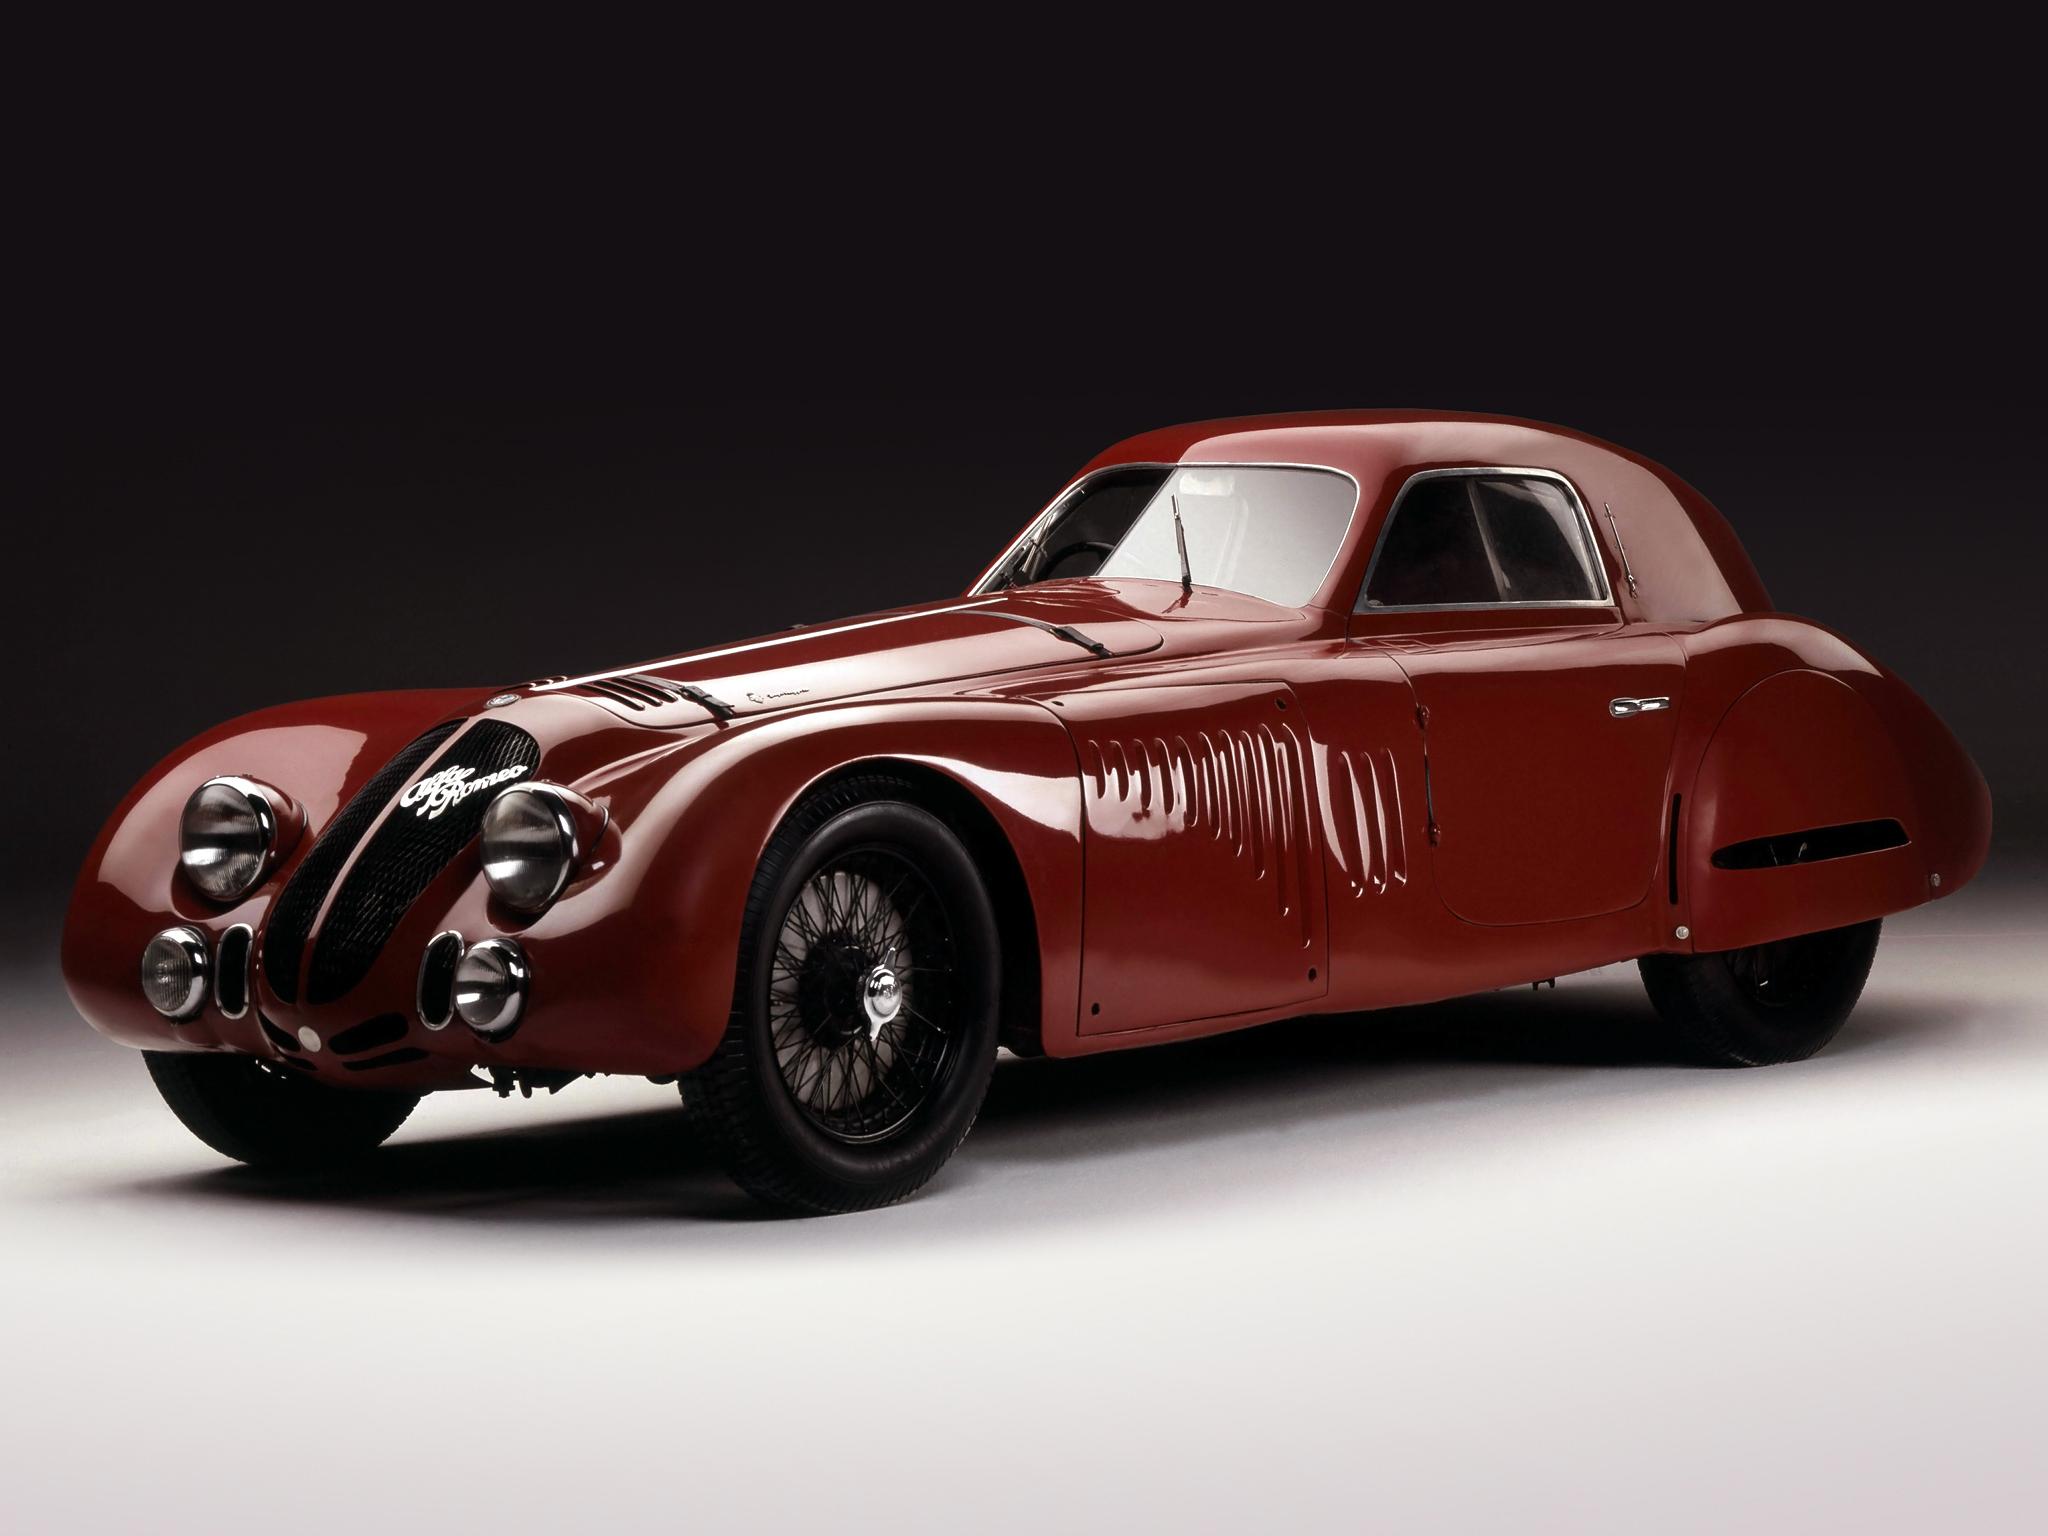 Alfa Romeo 8C 2900 B Le Mans Speciale (Touring), 1938